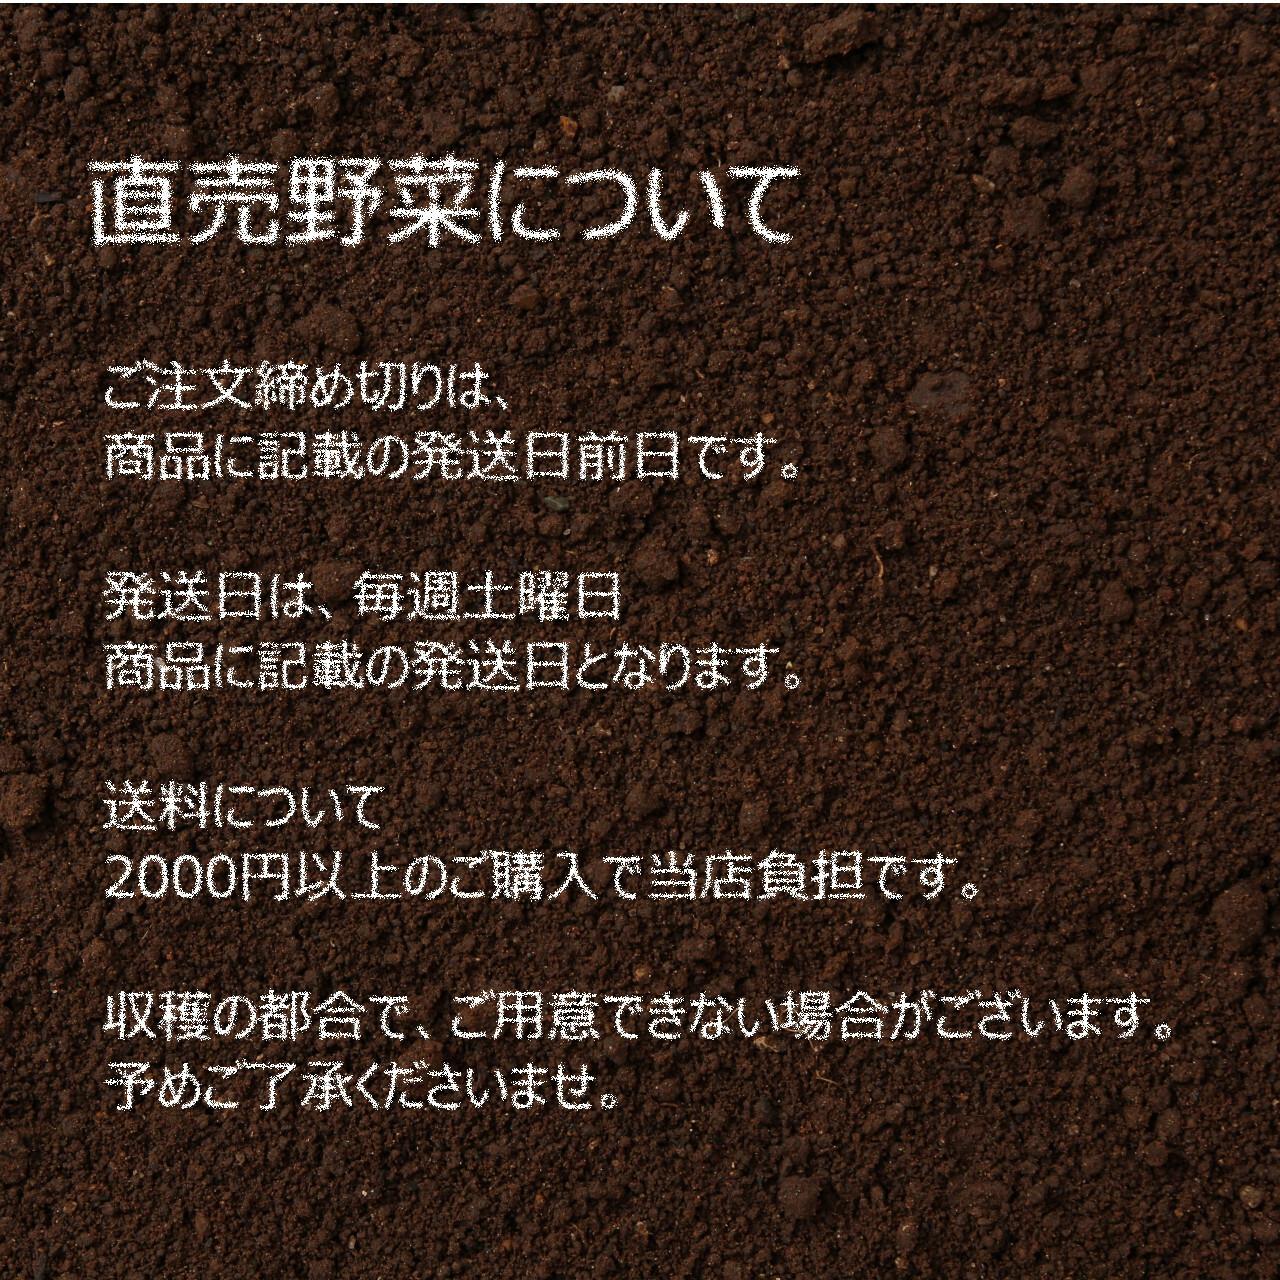 新鮮な秋野菜 : さつまいも 約600g 9月の朝採り直売野菜 9月14日発送予定